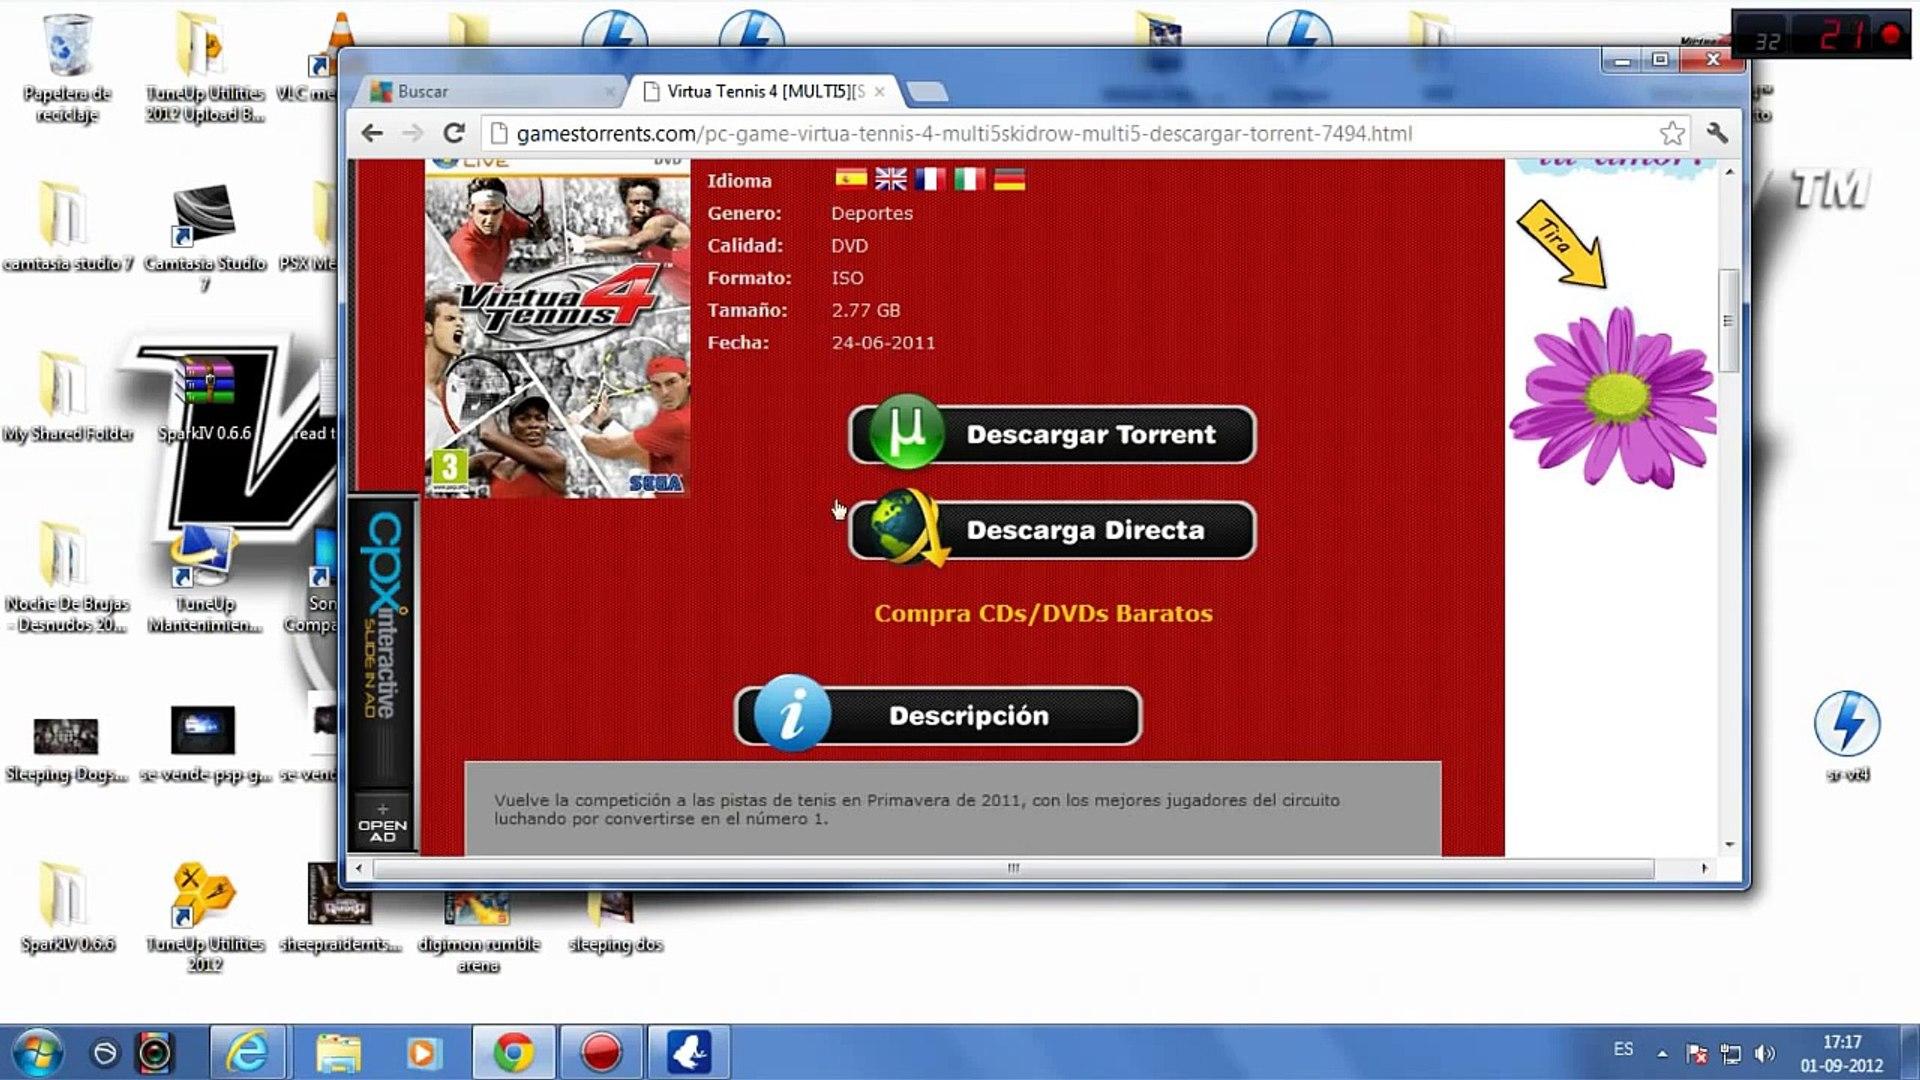 Descargar E Instalar Virtua Tennis 4 Full Español Para Pc 2012 Video Dailymotion